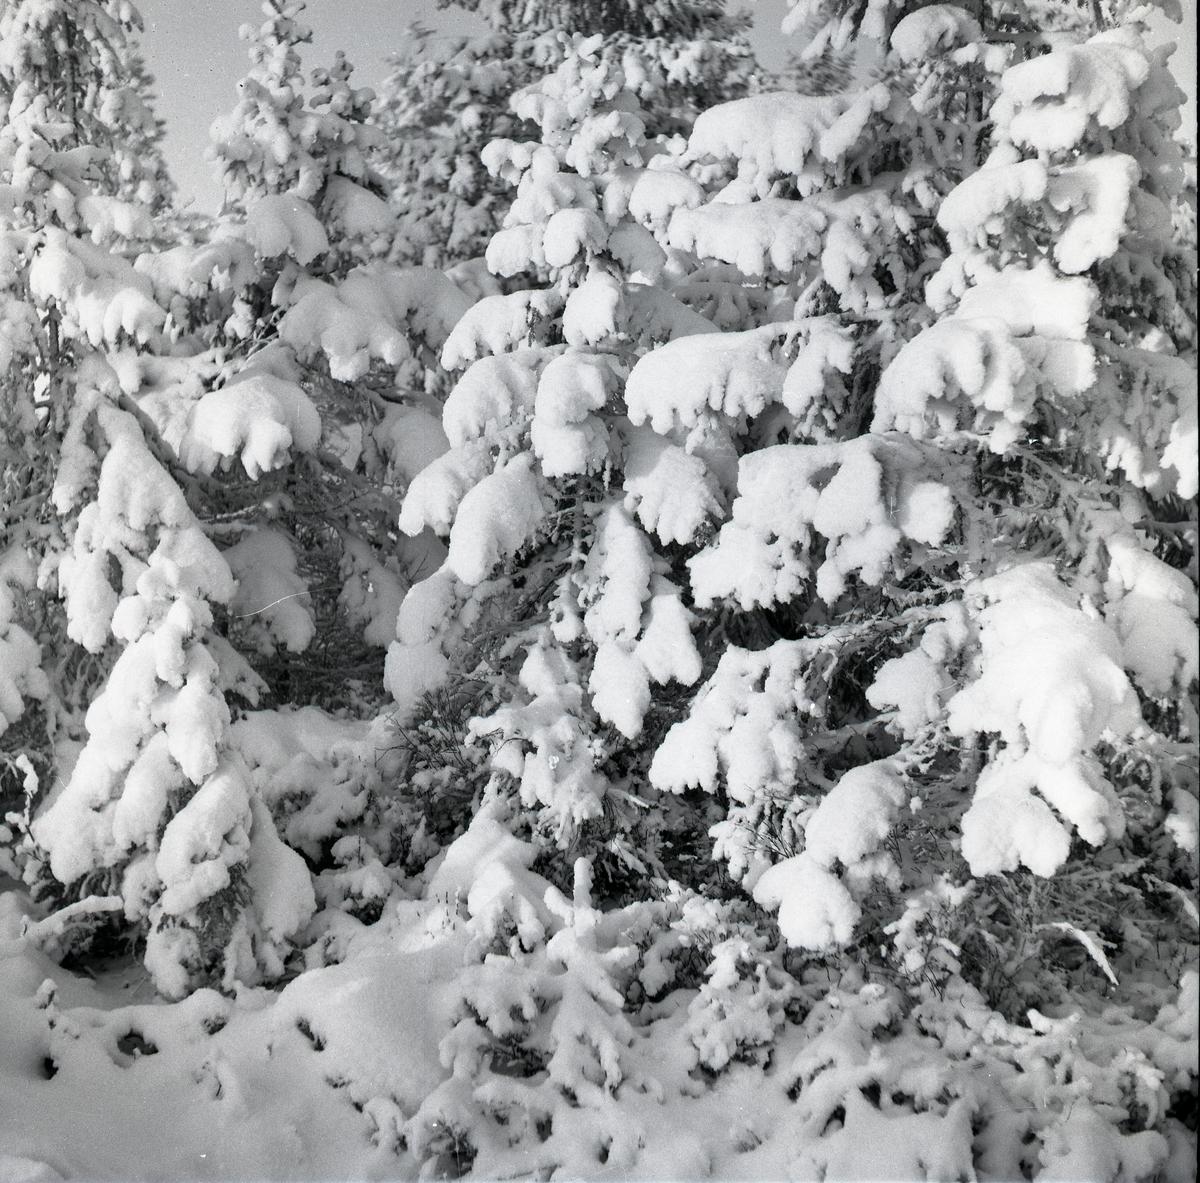 Snötyngda granar i närbild, julen 1954.